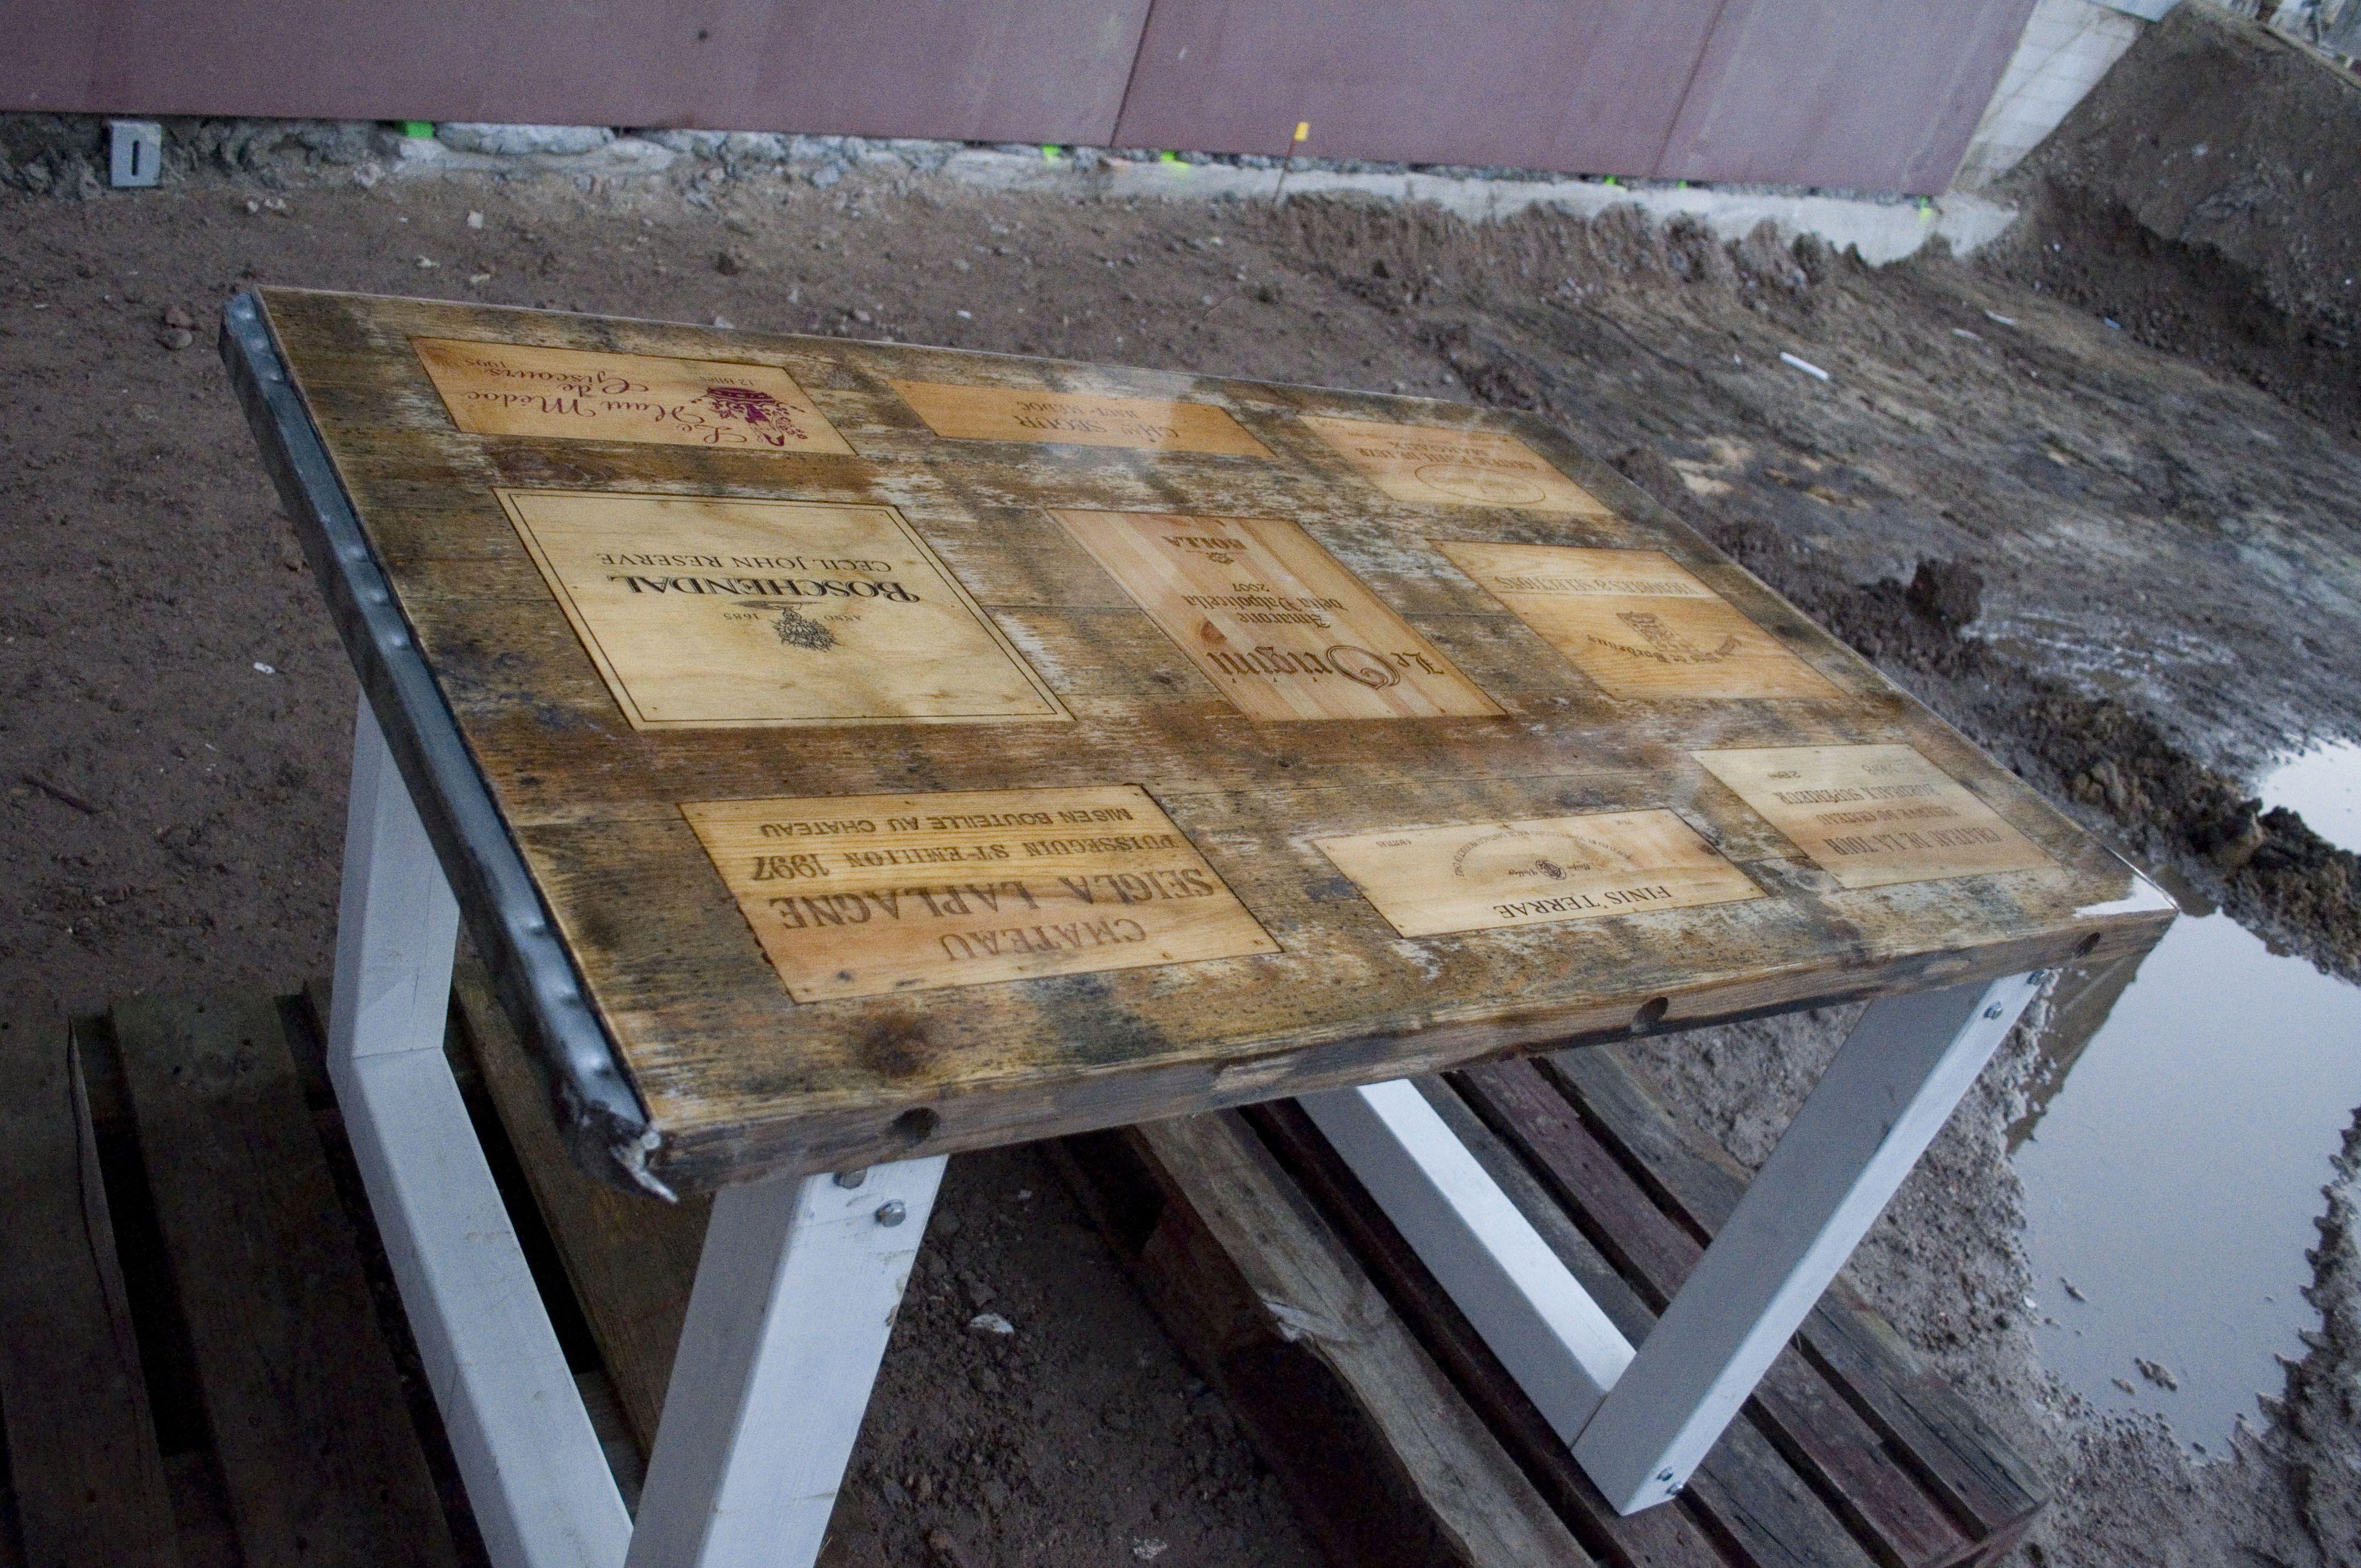 Tafel van steenschotten en wijnkisten in epoxy gegoten for Tafel van steenschotten